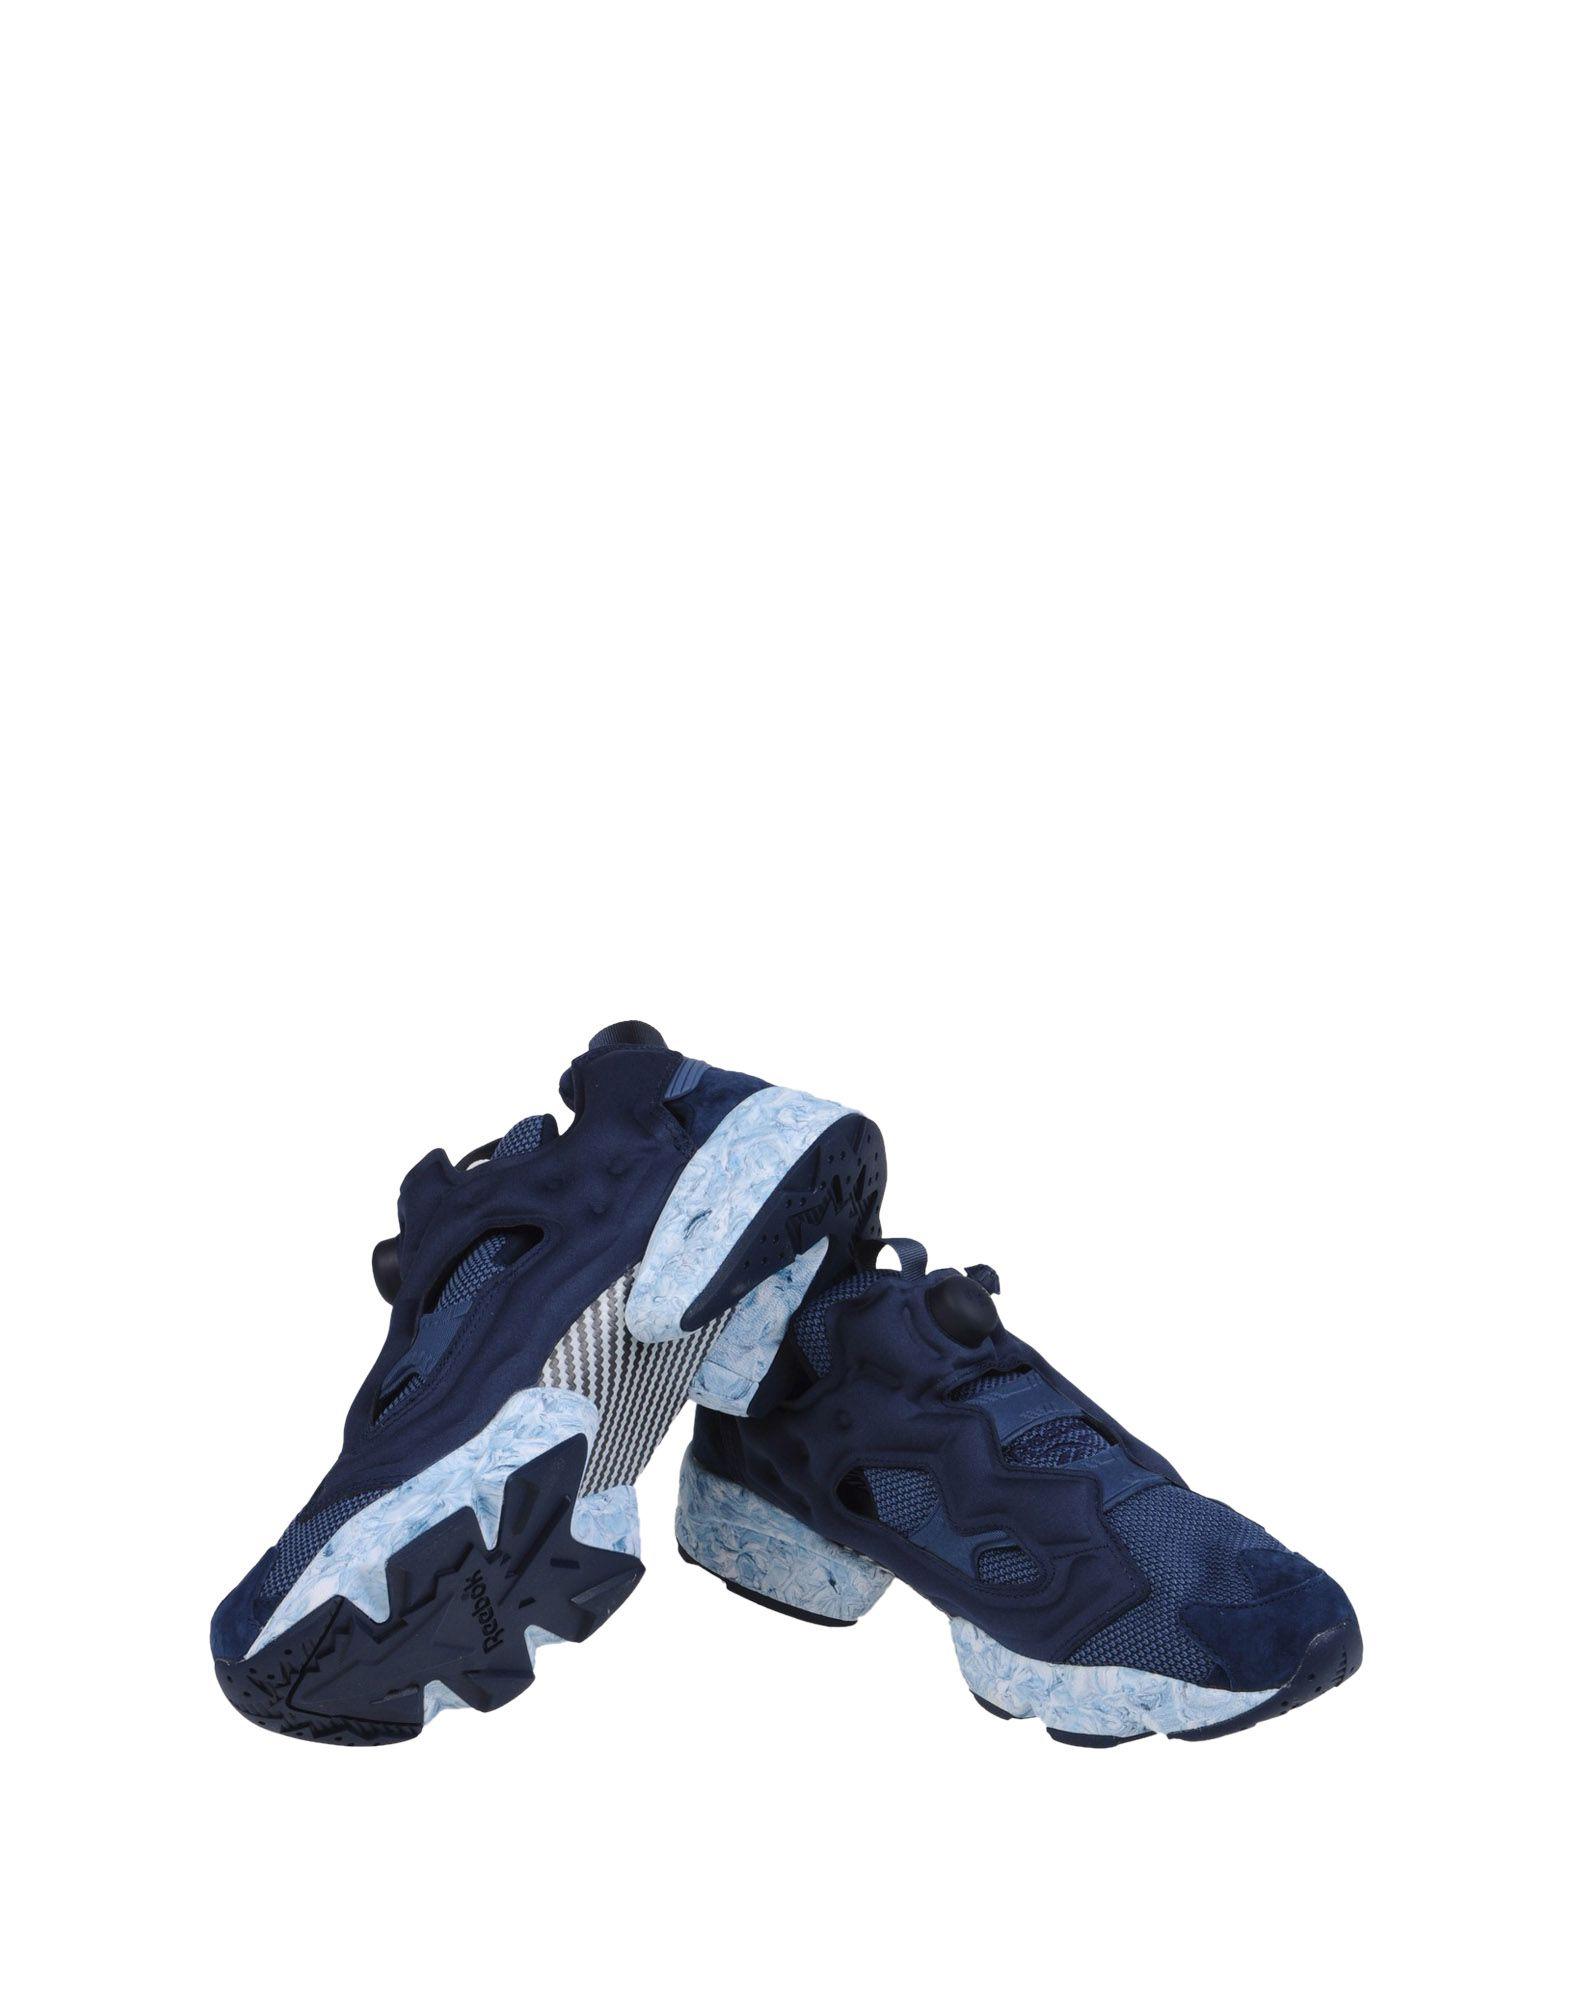 Sneakers Reebok Instapump Fury Achm - Homme - Sneakers Reebok sur